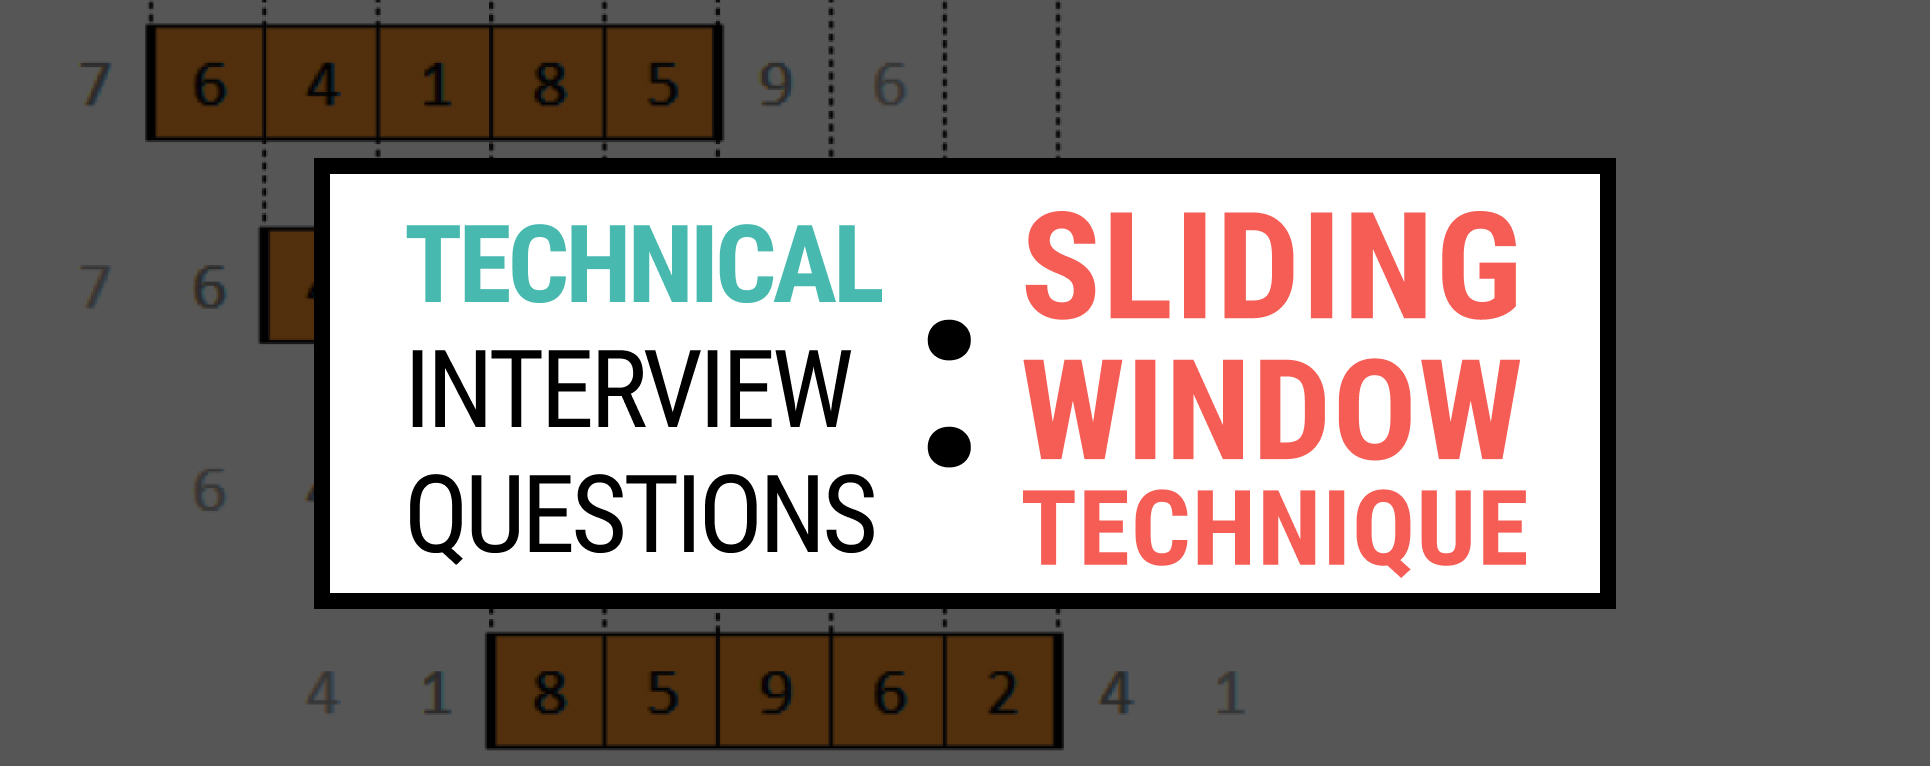 Technical Interview Questions - Sliding Window Technique